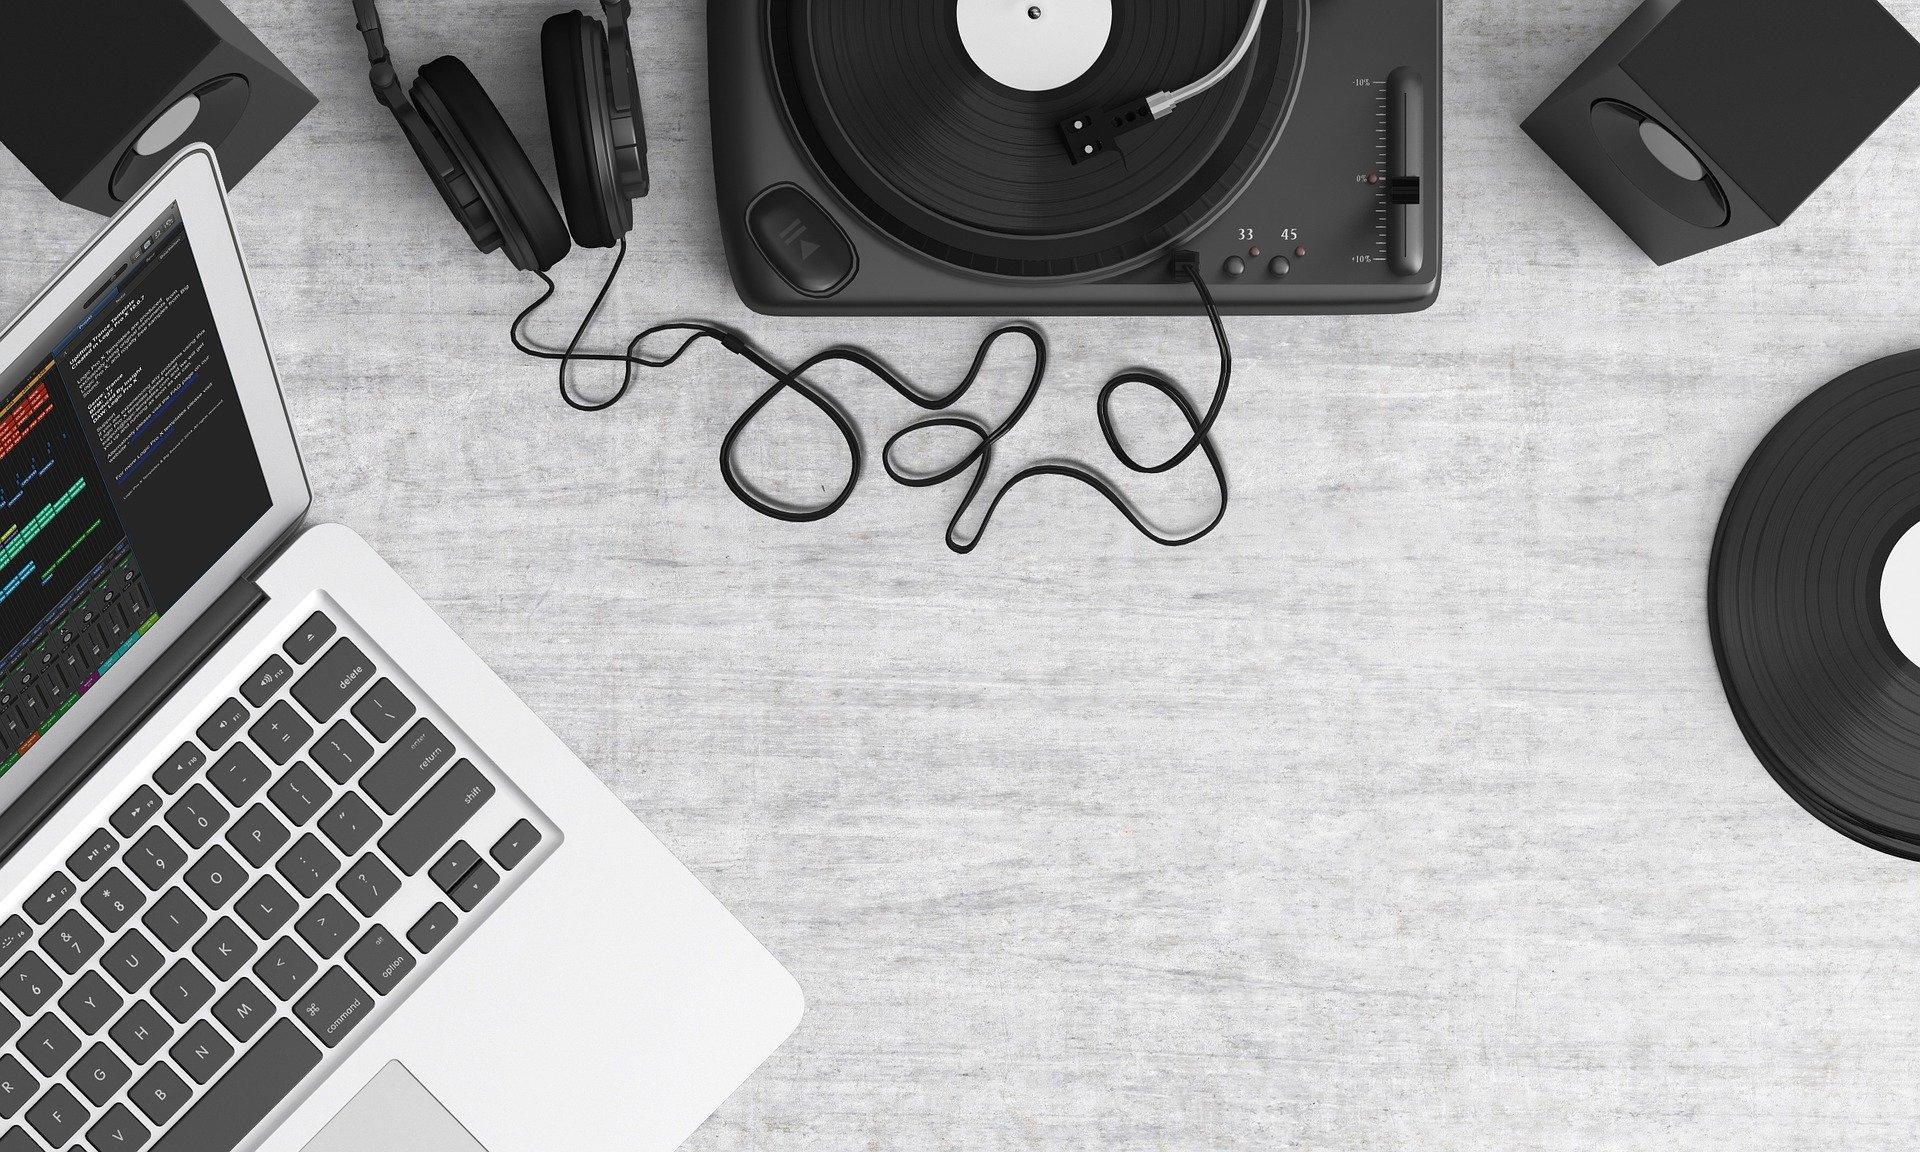 텐센트, 음악저작권, 음악 독점,